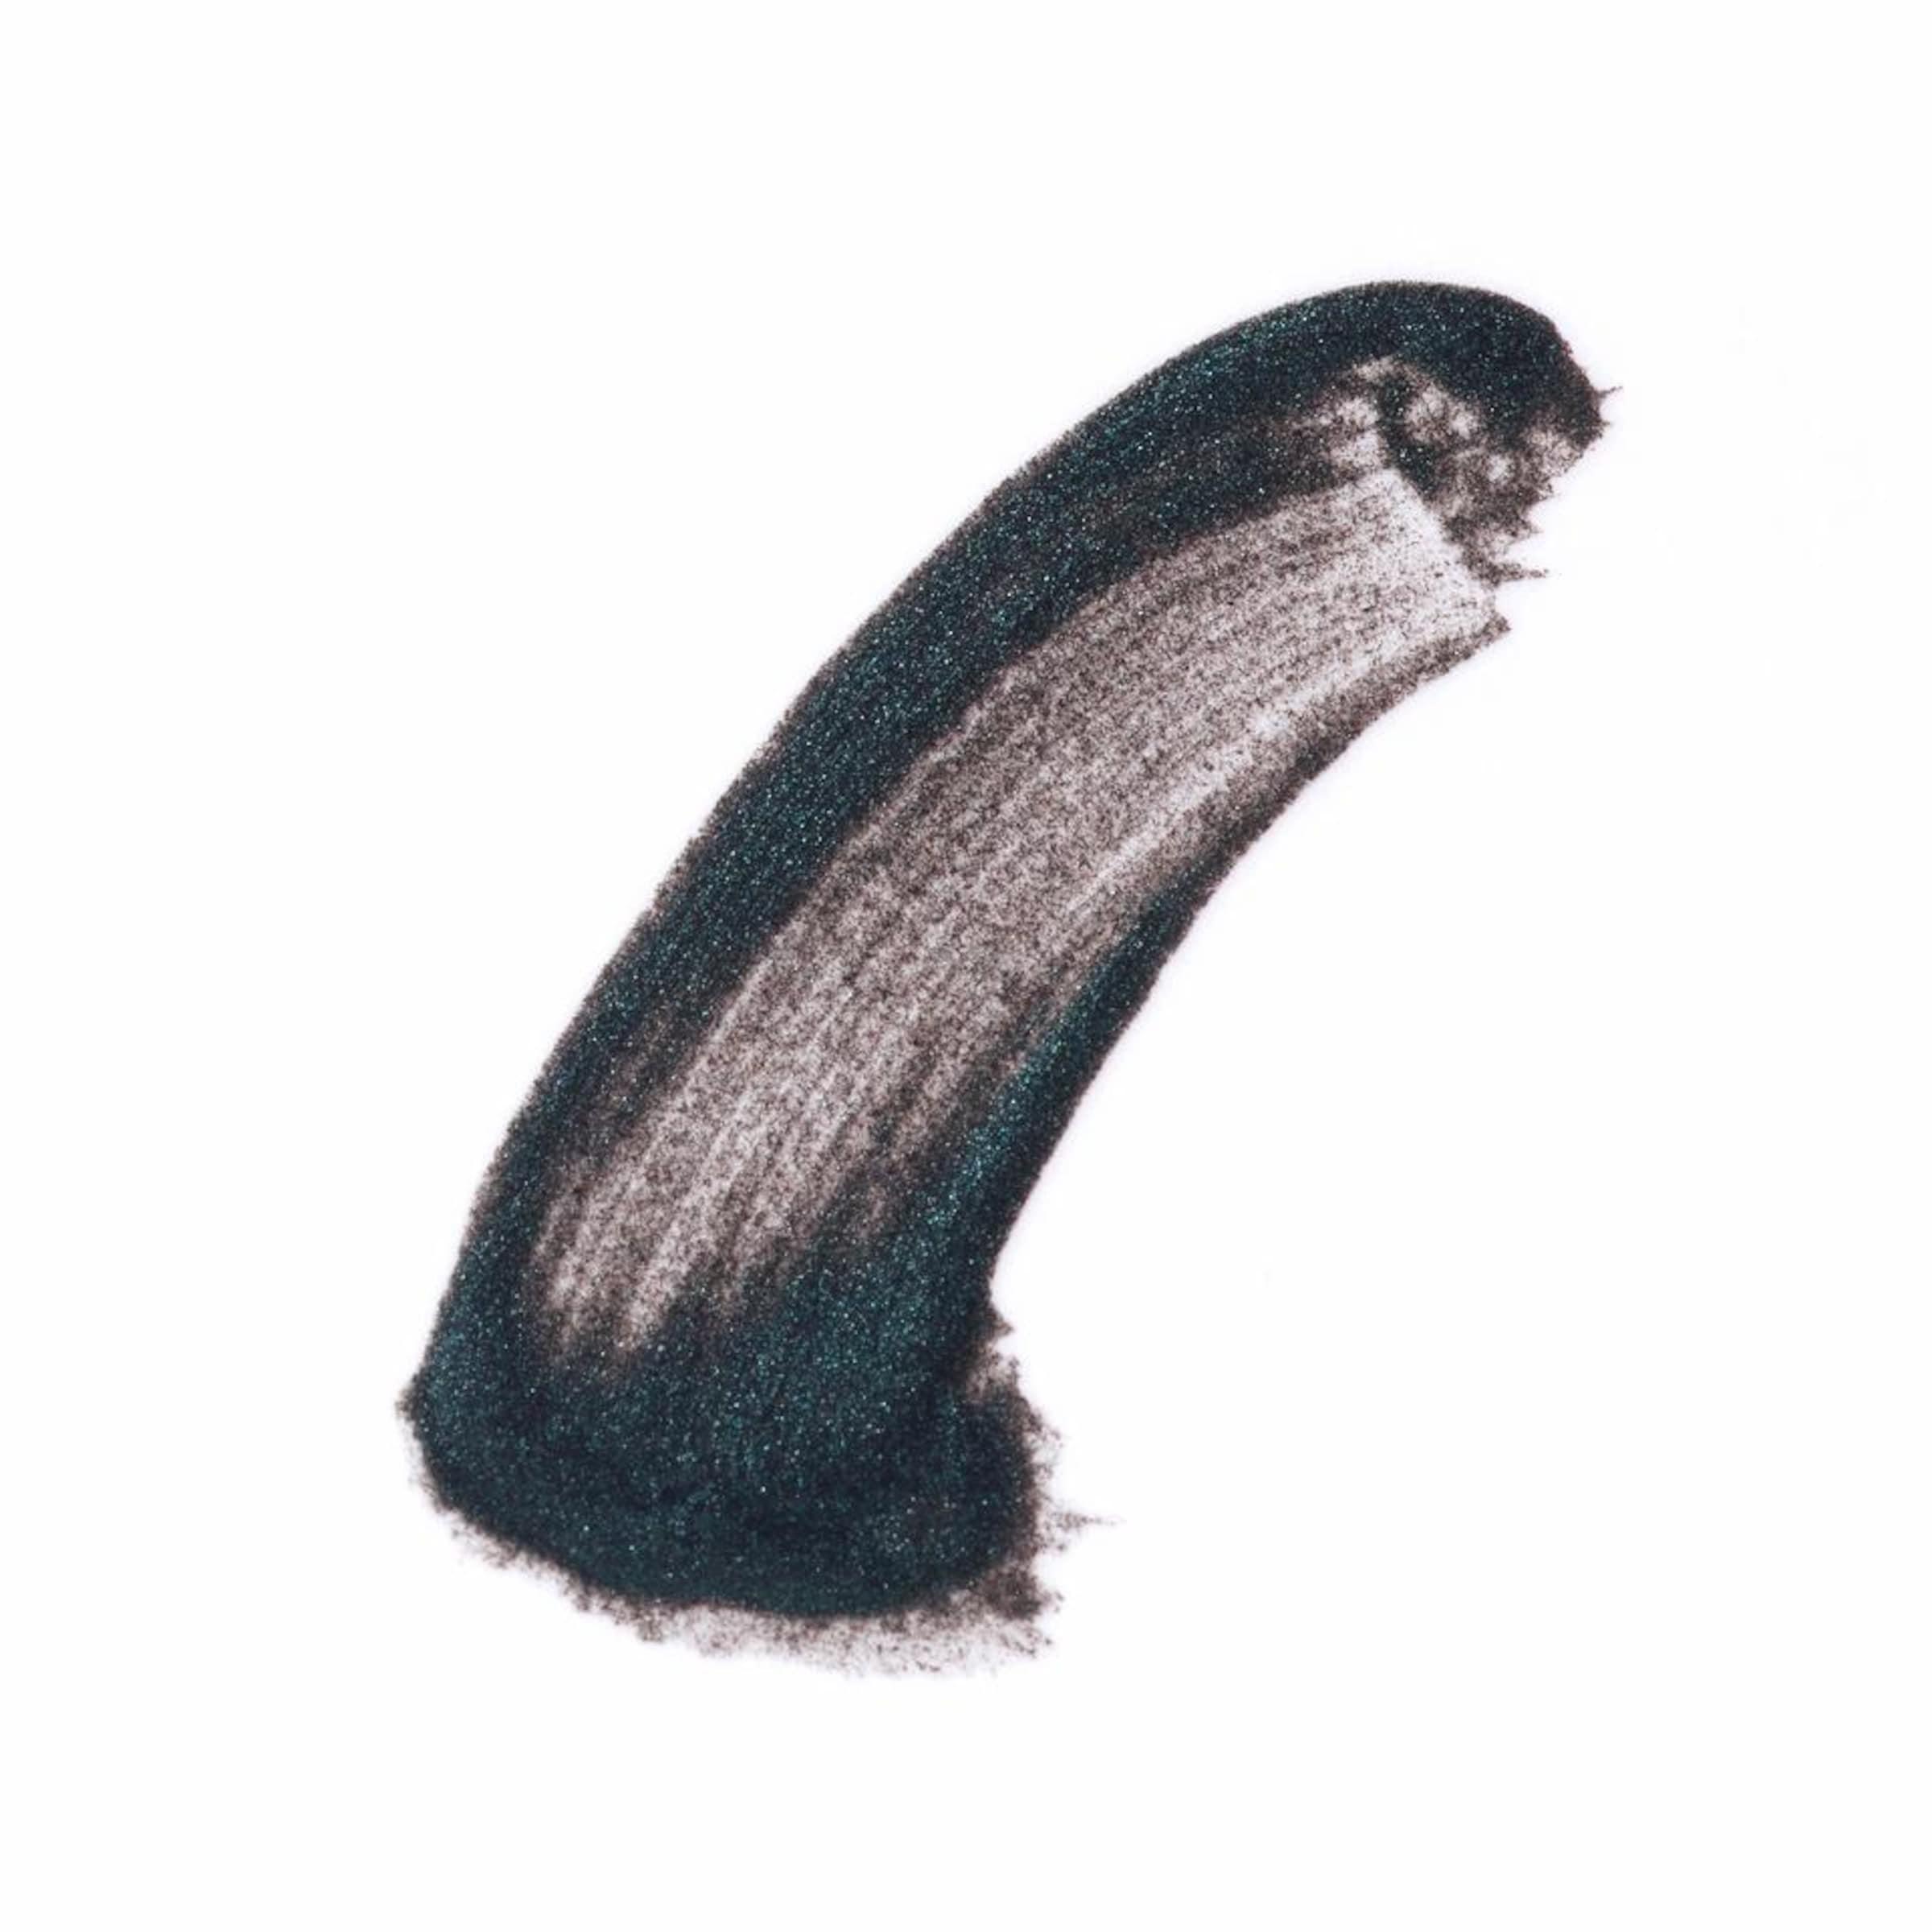 MAYBELLINE New York 'Color Sensational Metallic Foil' Lippenstift Billig Verkaufen Hochwertige Countdown-Paket Günstig Online Rabatt 2018 Billig Verkaufen Wiki Verkauf Wahl kkgWvY26K